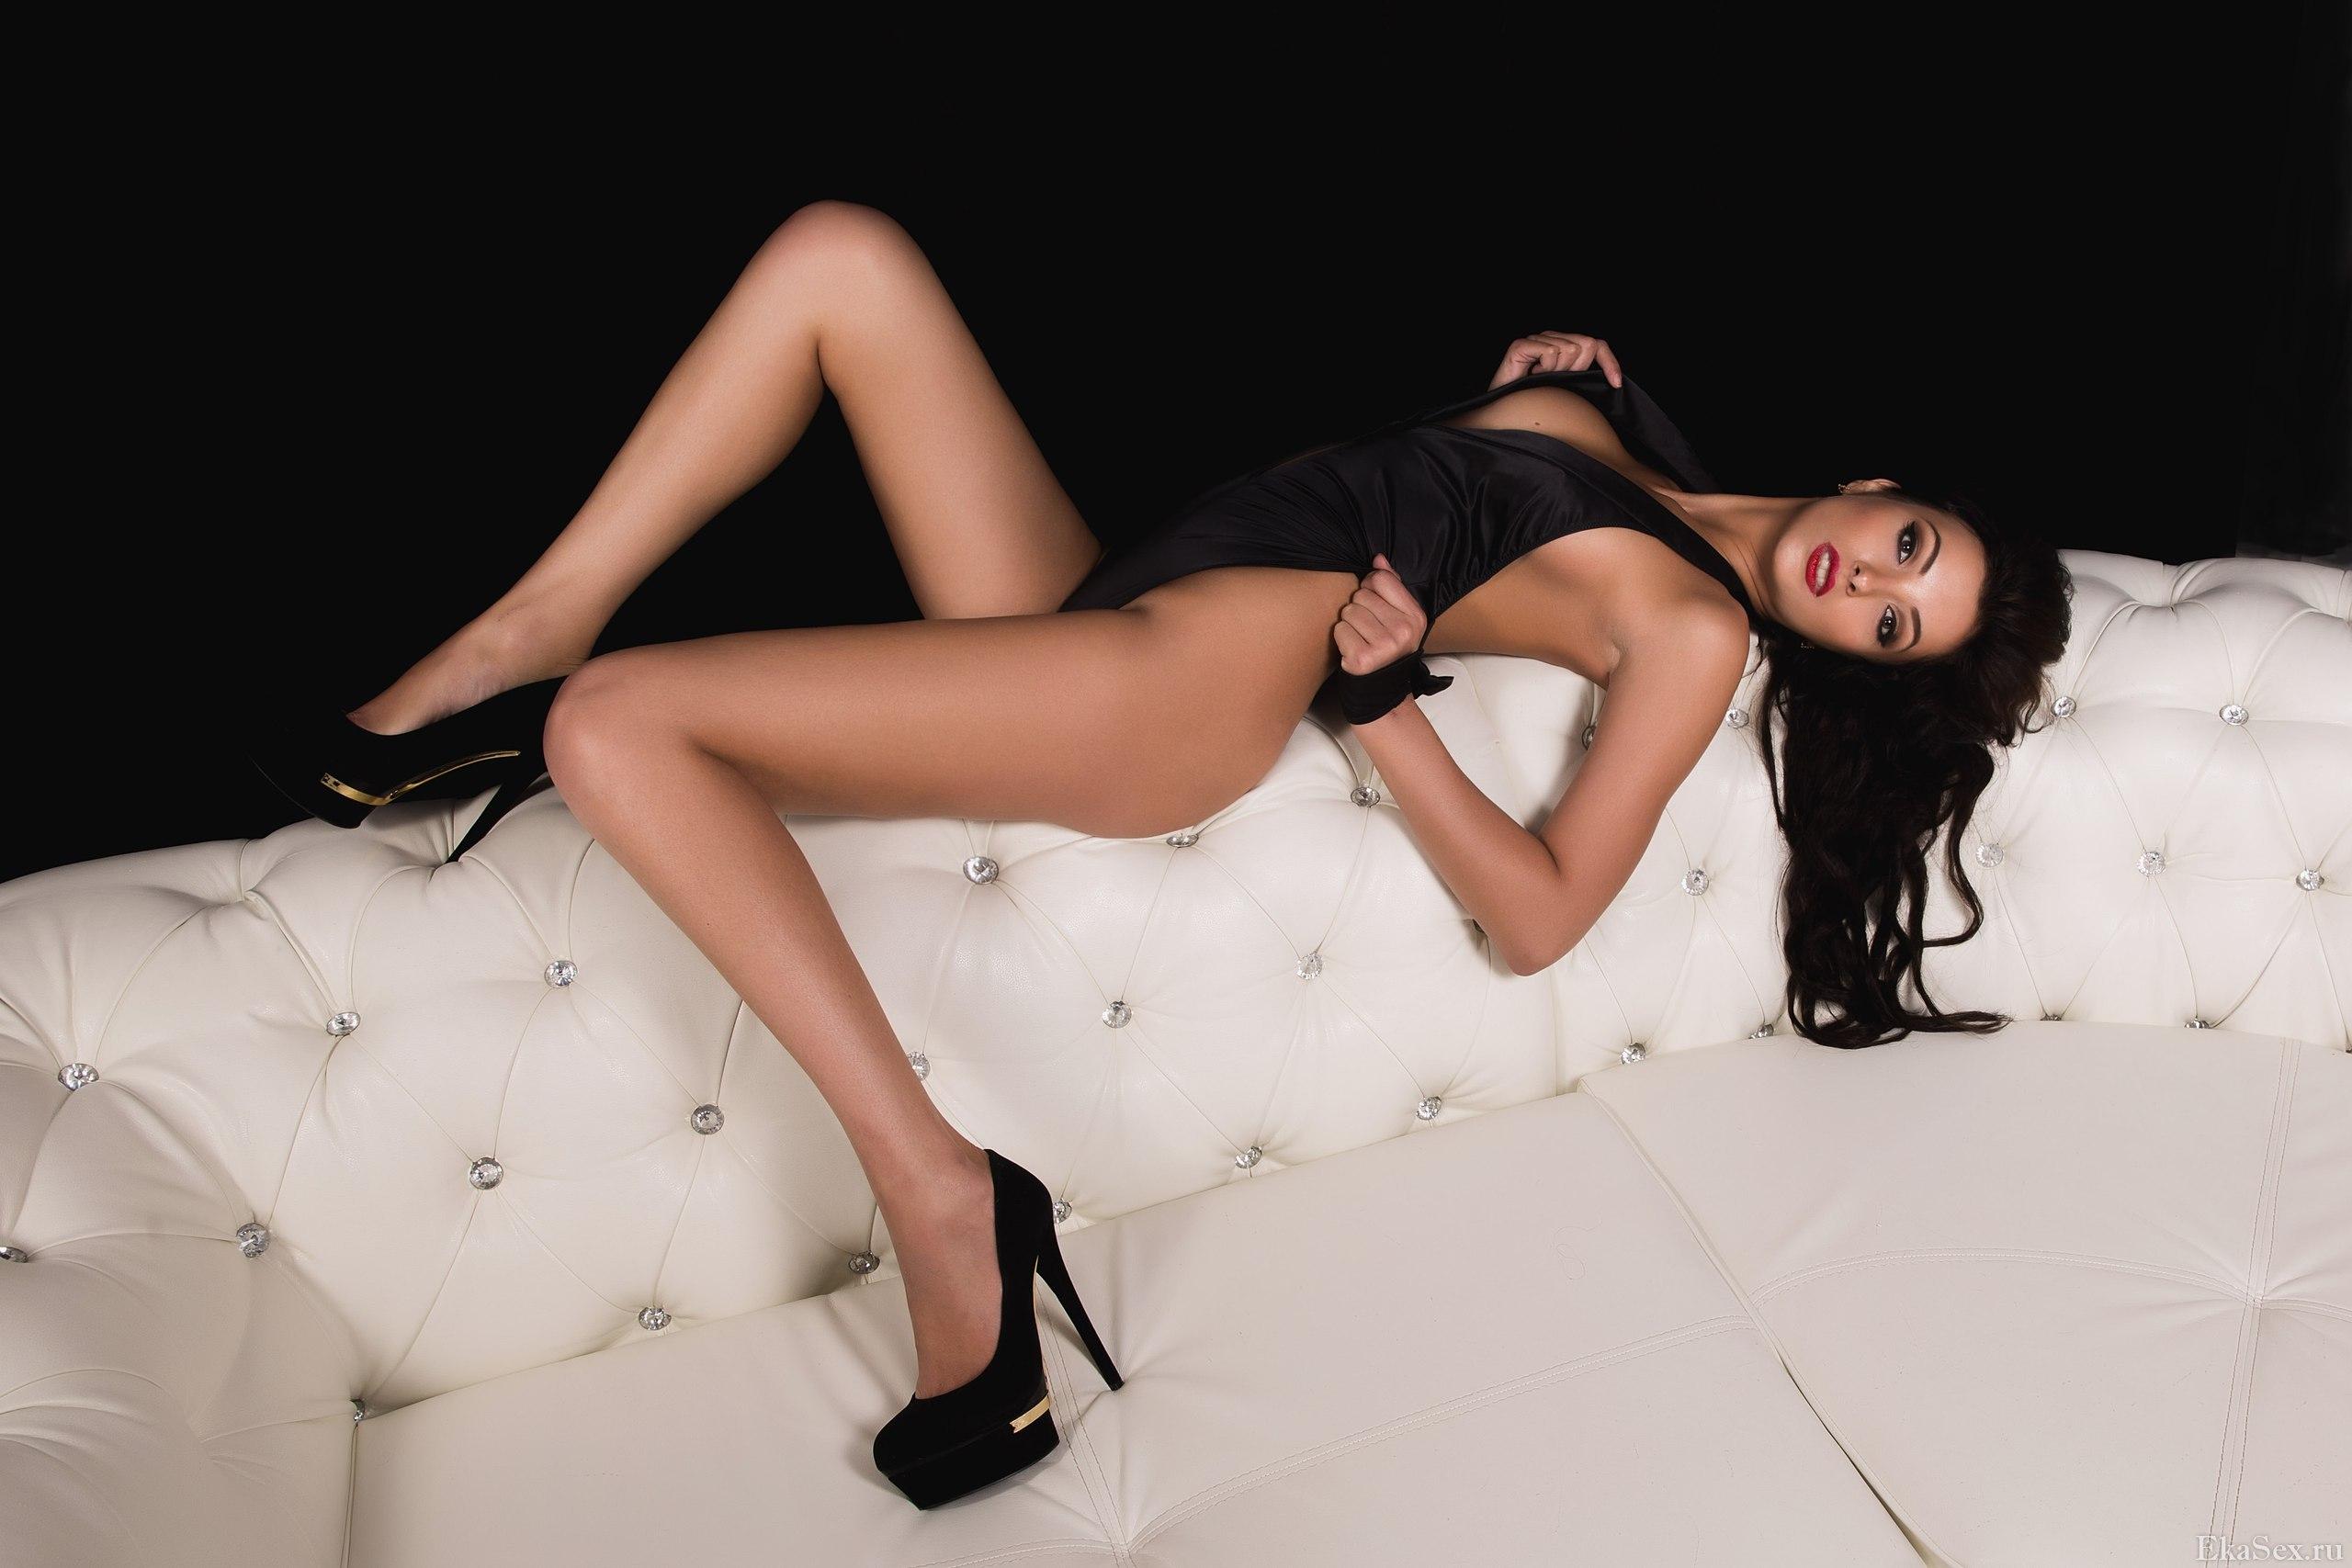 фото проститутки Валери из города Екатеринбург